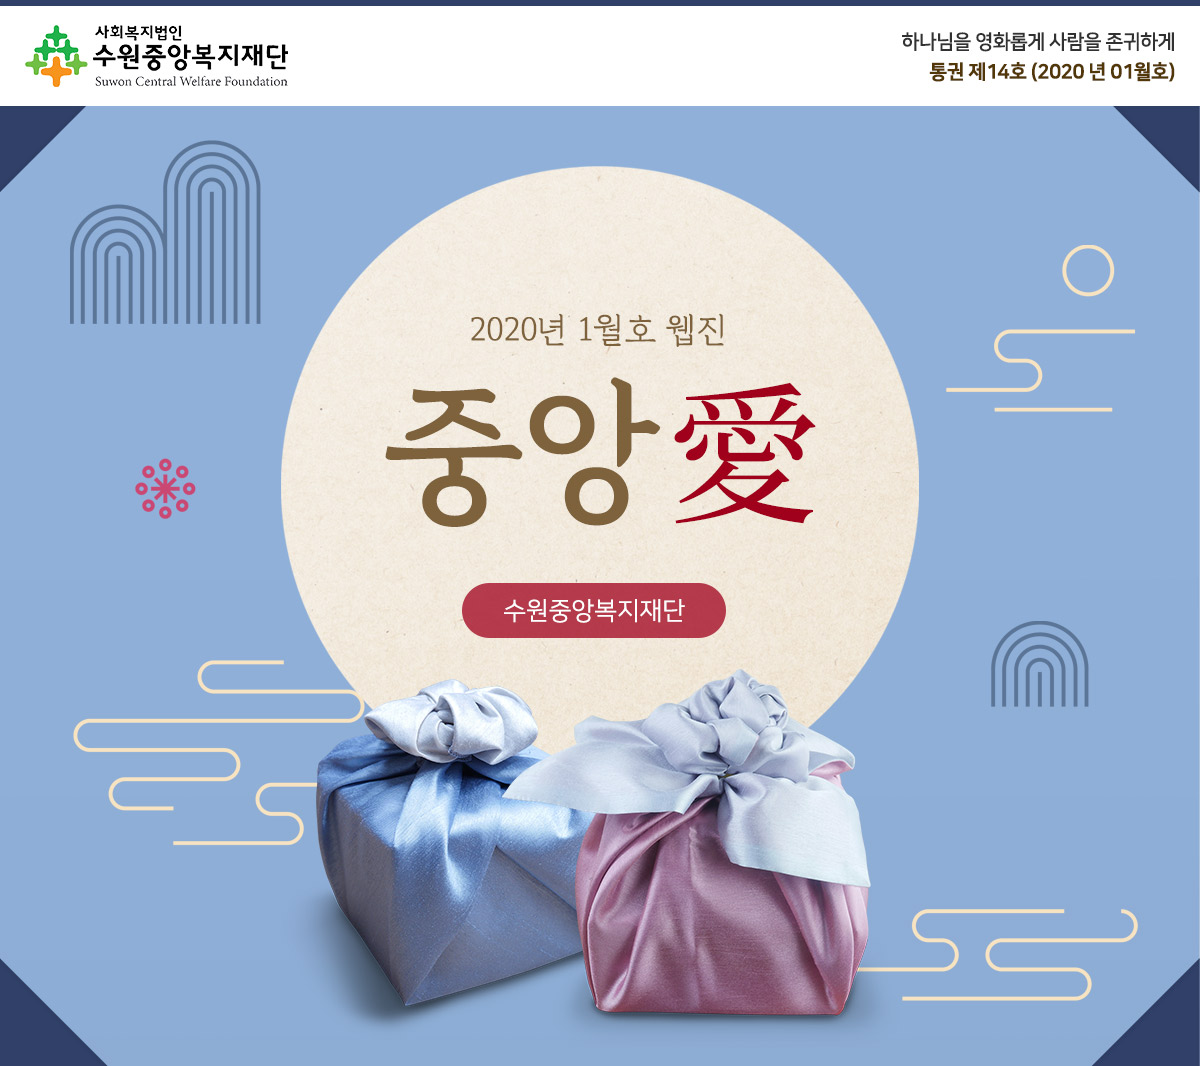 2020년 1월 수원중앙복지제단 웹진